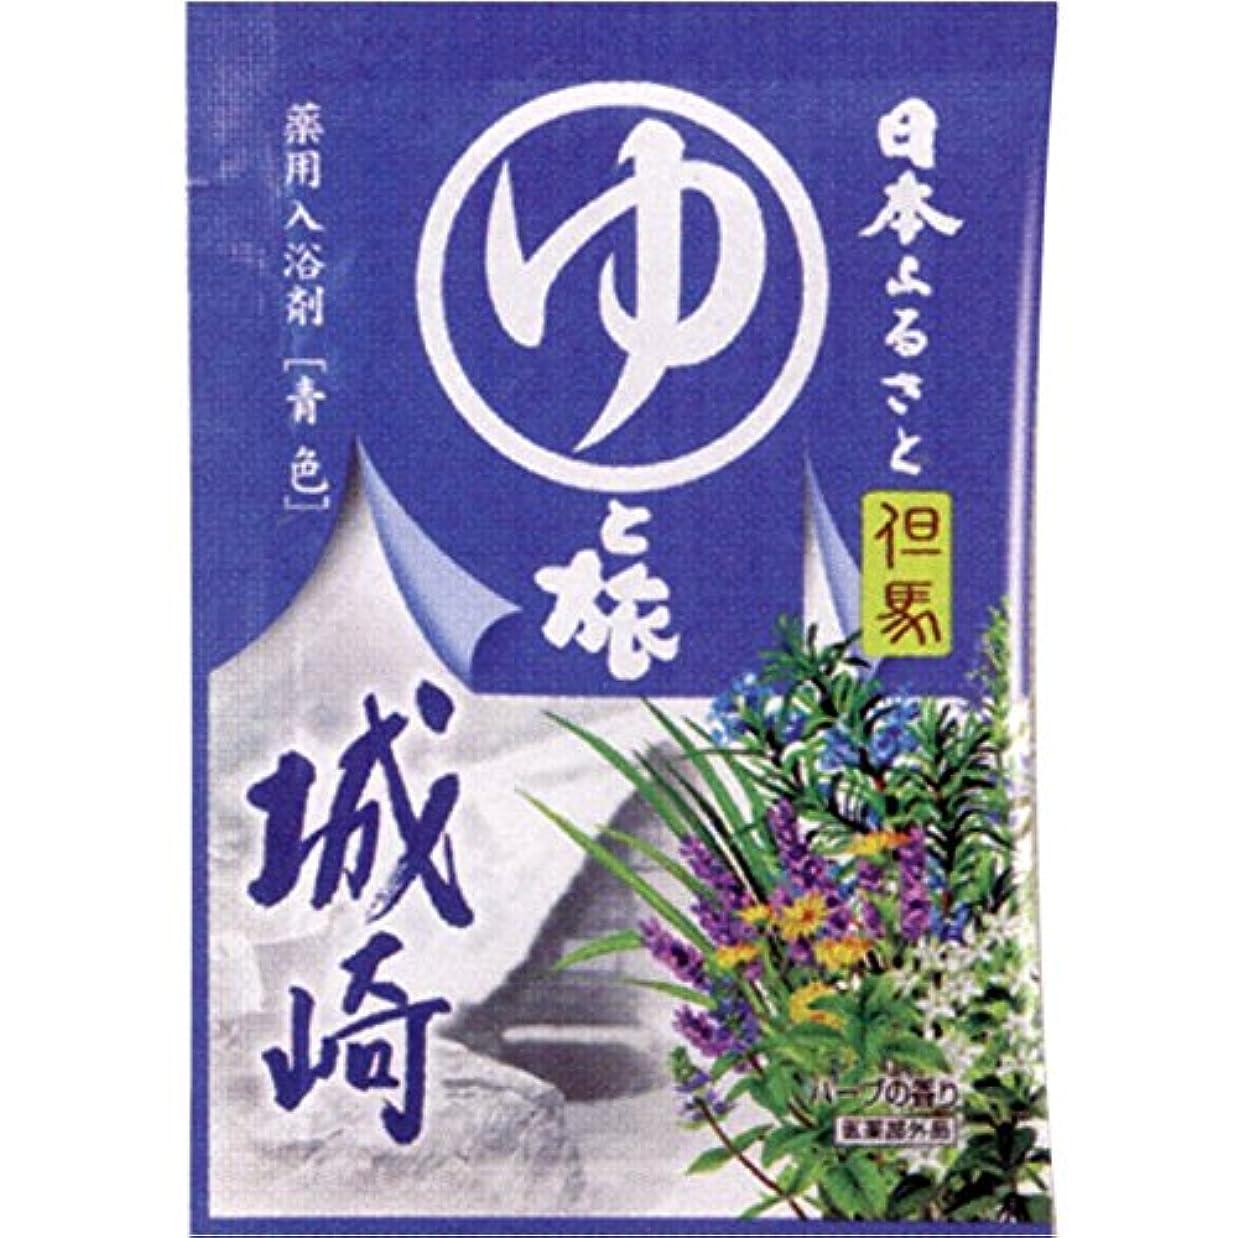 パーチナシティシーボード王子ヤマサキの入浴剤シリーズ 城崎(入浴剤)